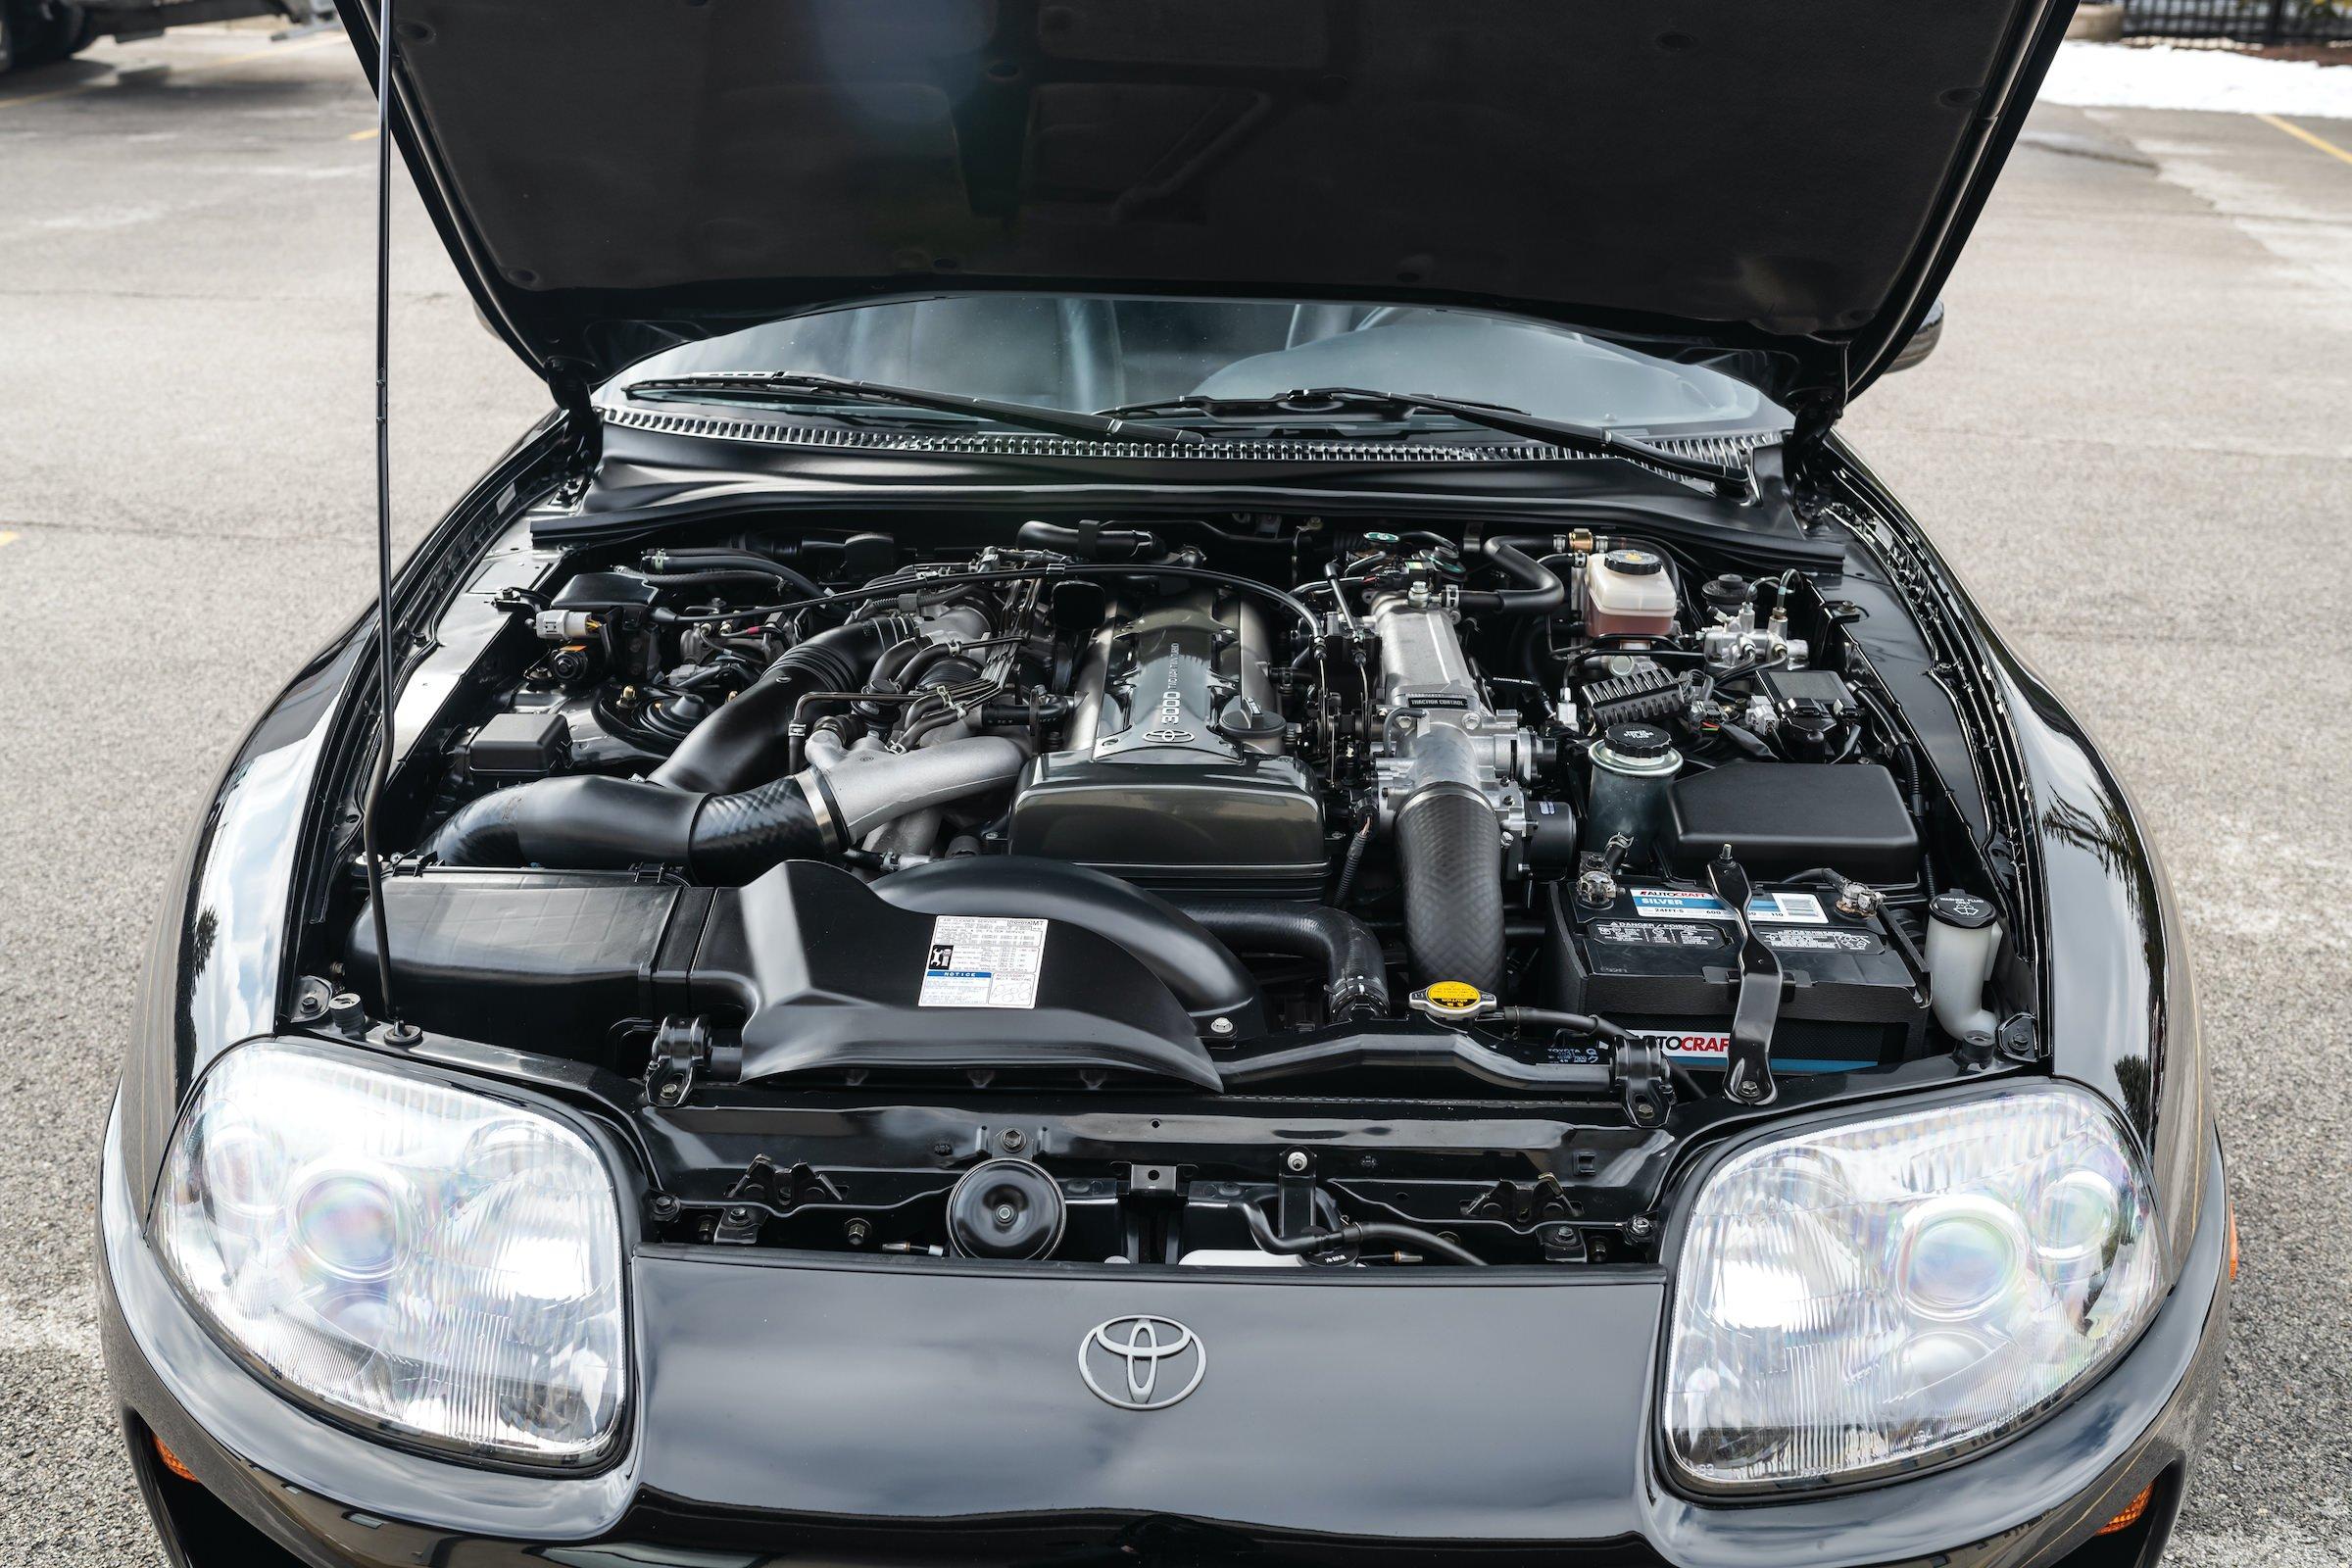 Kelebihan Kekurangan Toyota Supra A80 Spesifikasi